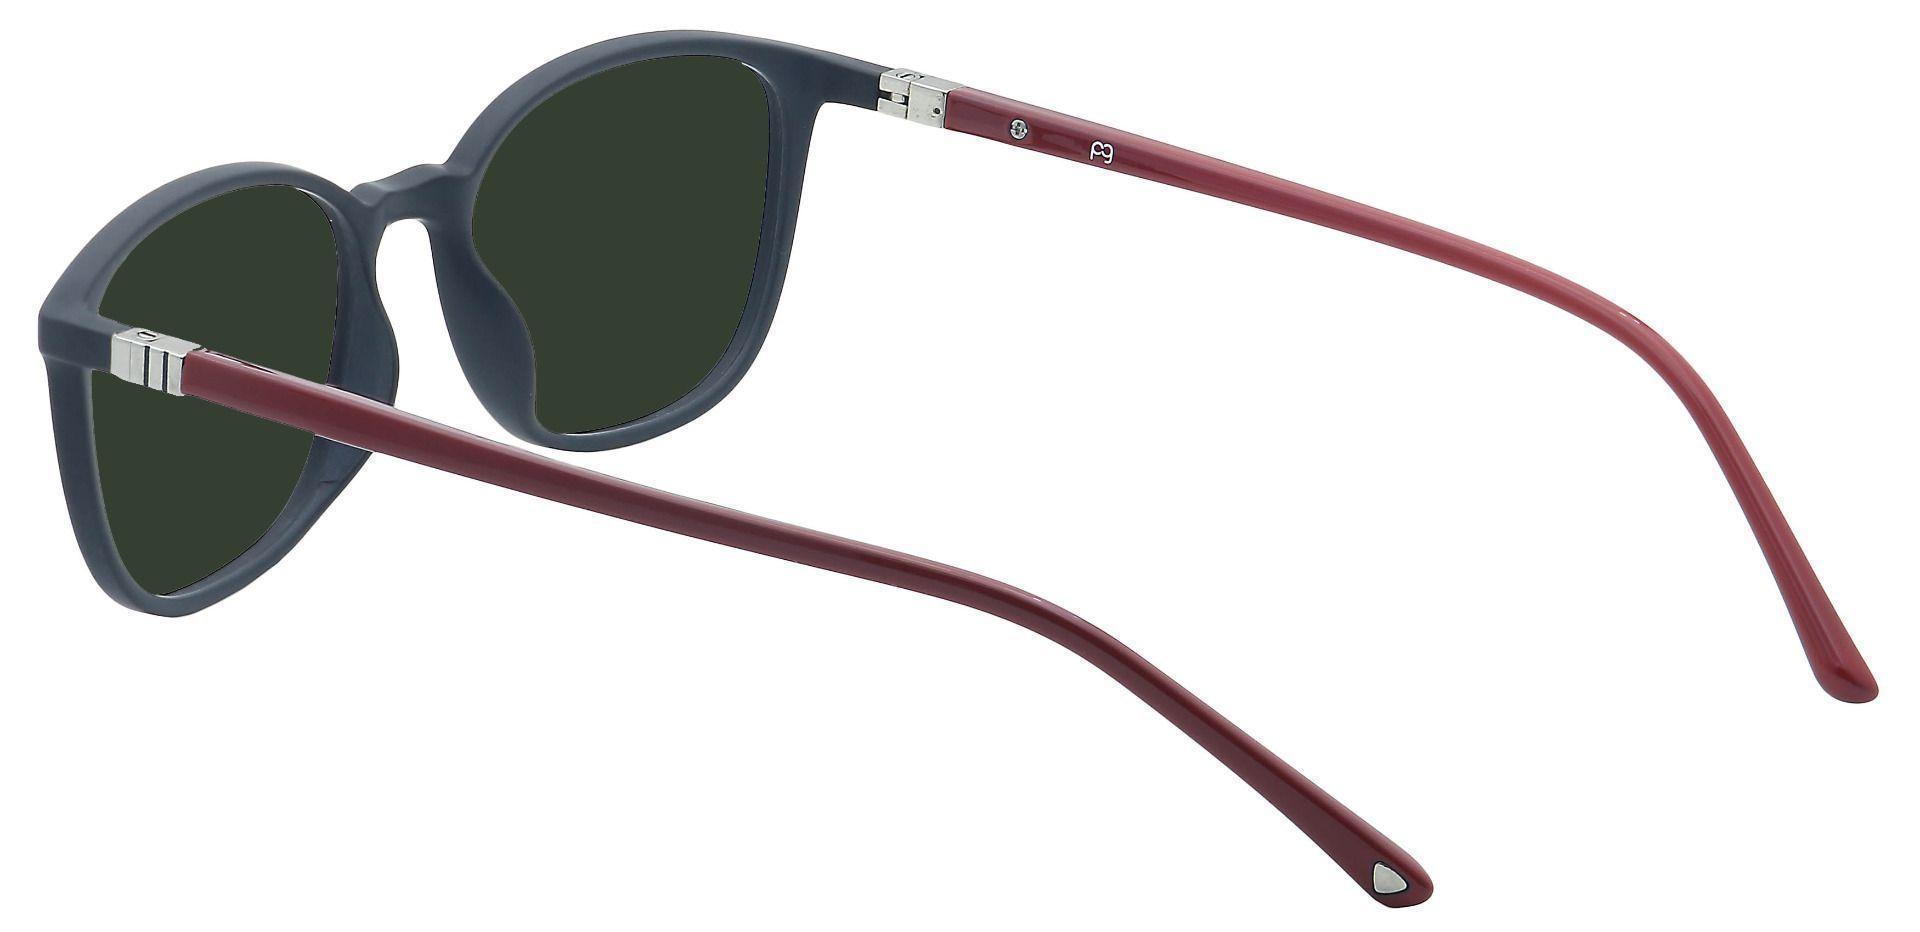 Karleen Oval Prescription Sunglasses - Black Frame With Green Lenses